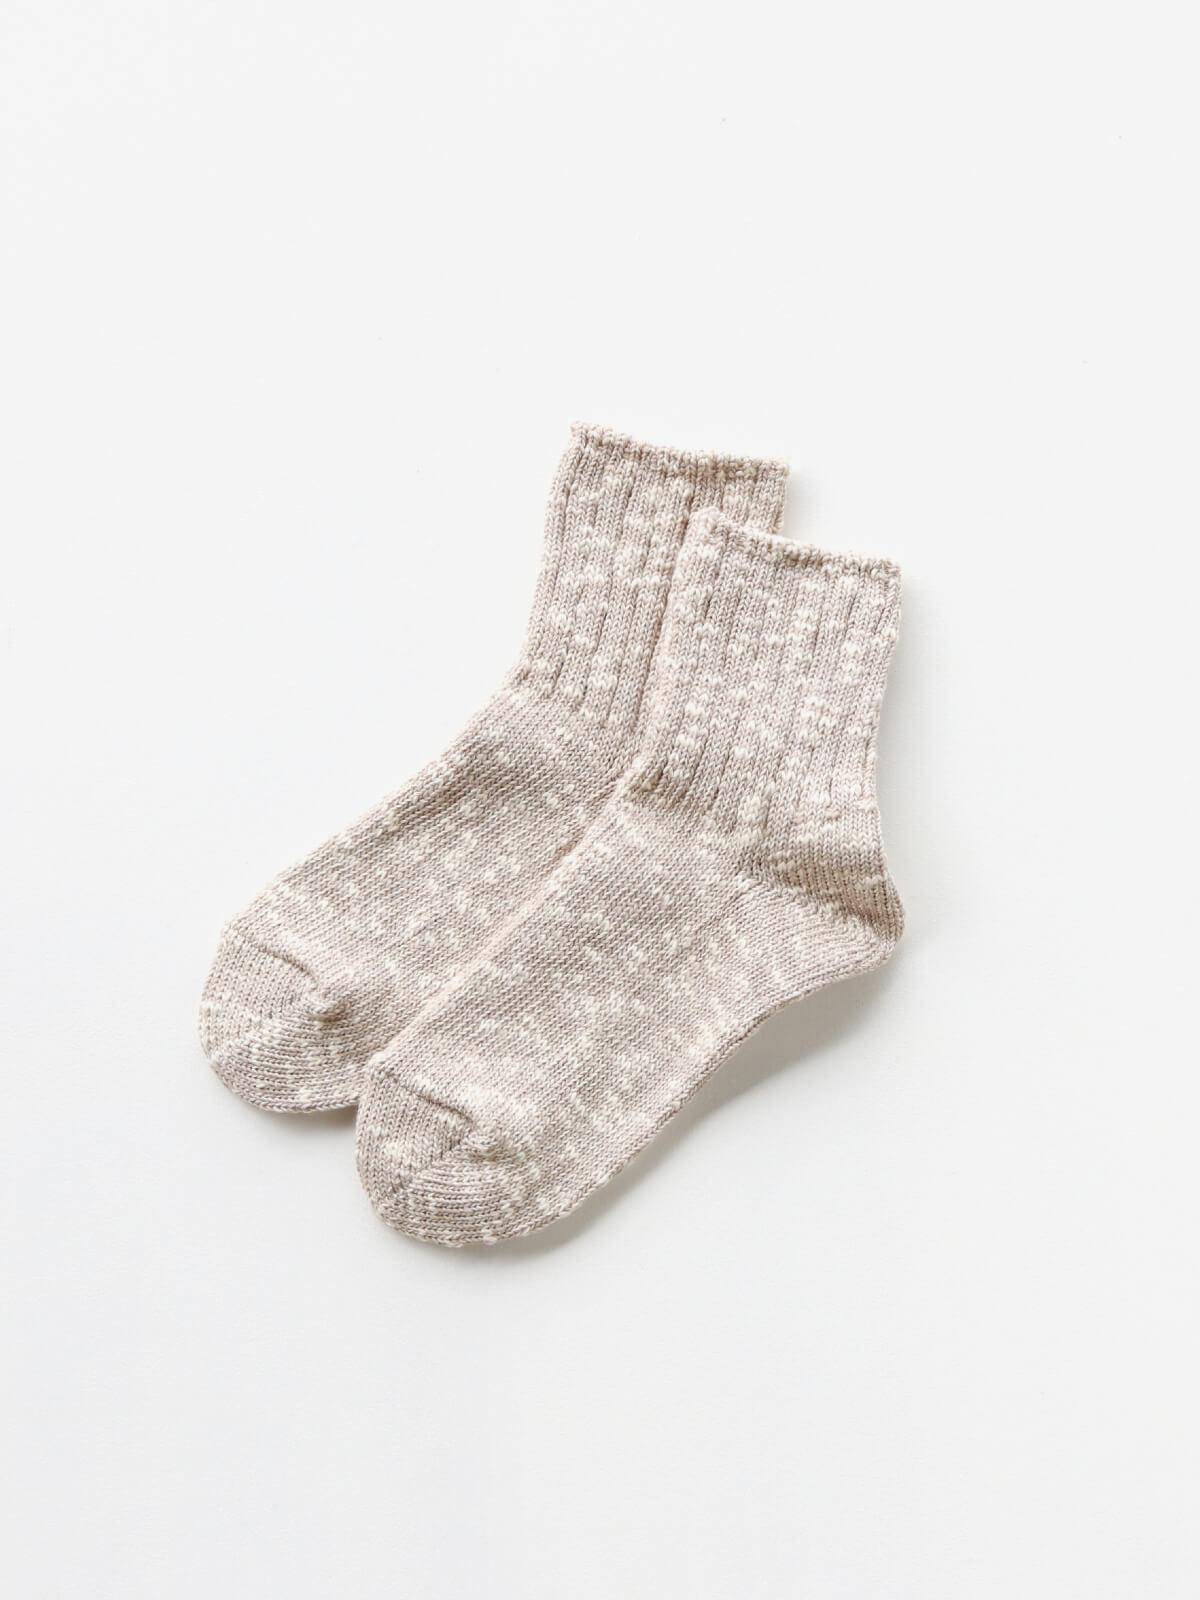 当たりつきギフト専用靴下のLUCKY SOCKS(ラッキーソックス)のMix Ankle Socks(ミックスアンクルソックス)のグレージュ_2